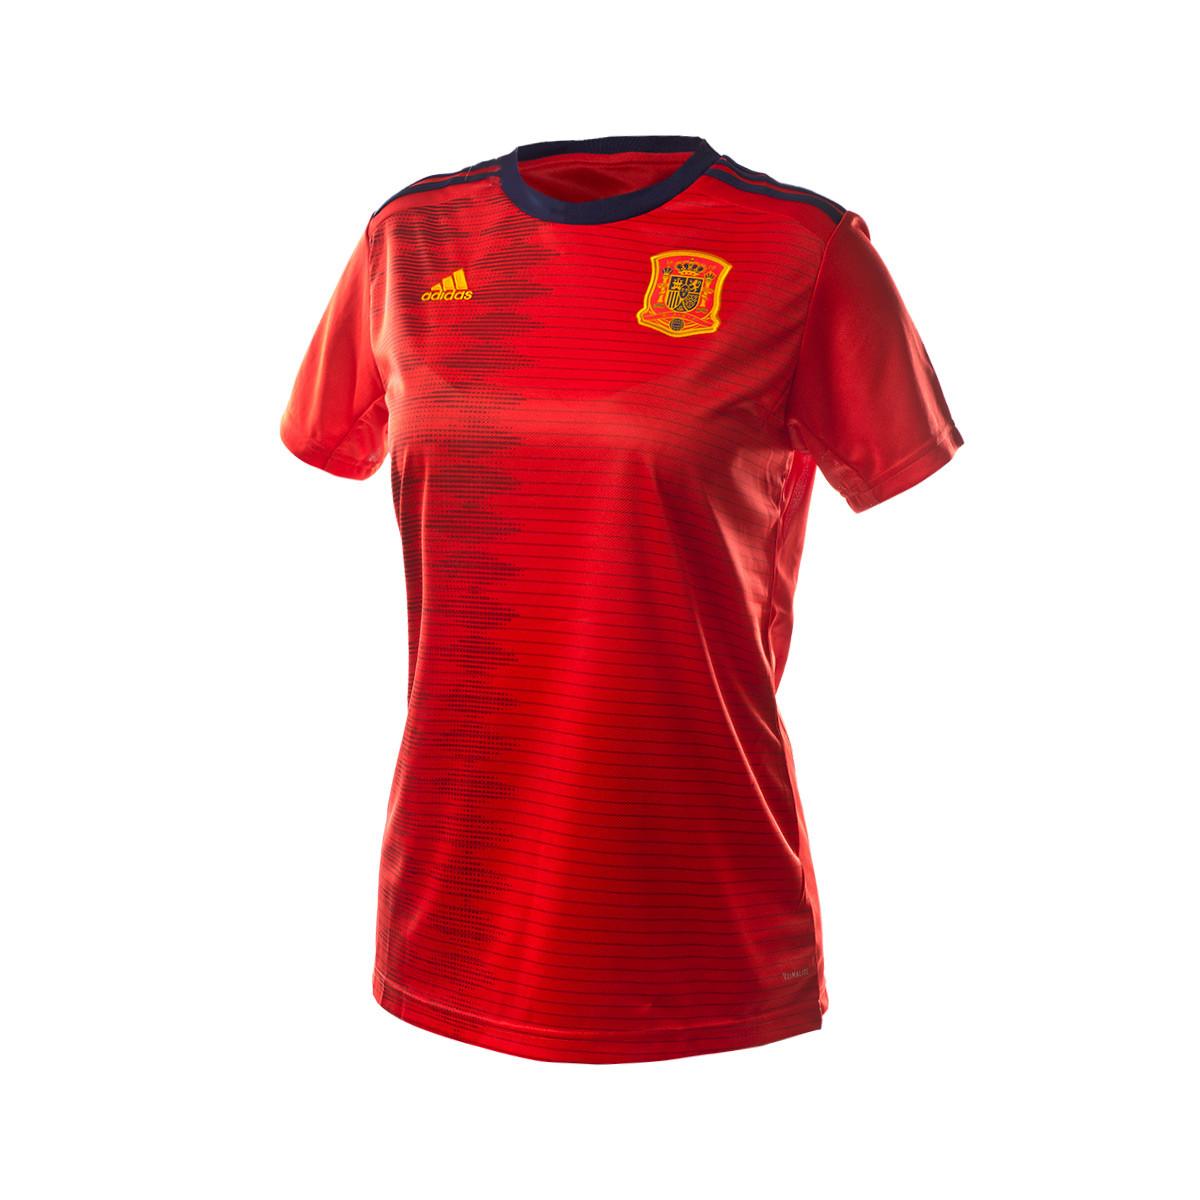 3e6a8a618b90b Playera adidas España Primera Equipación WWC 2019 Mujer Red - Tienda de  fútbol Fútbol Emotion